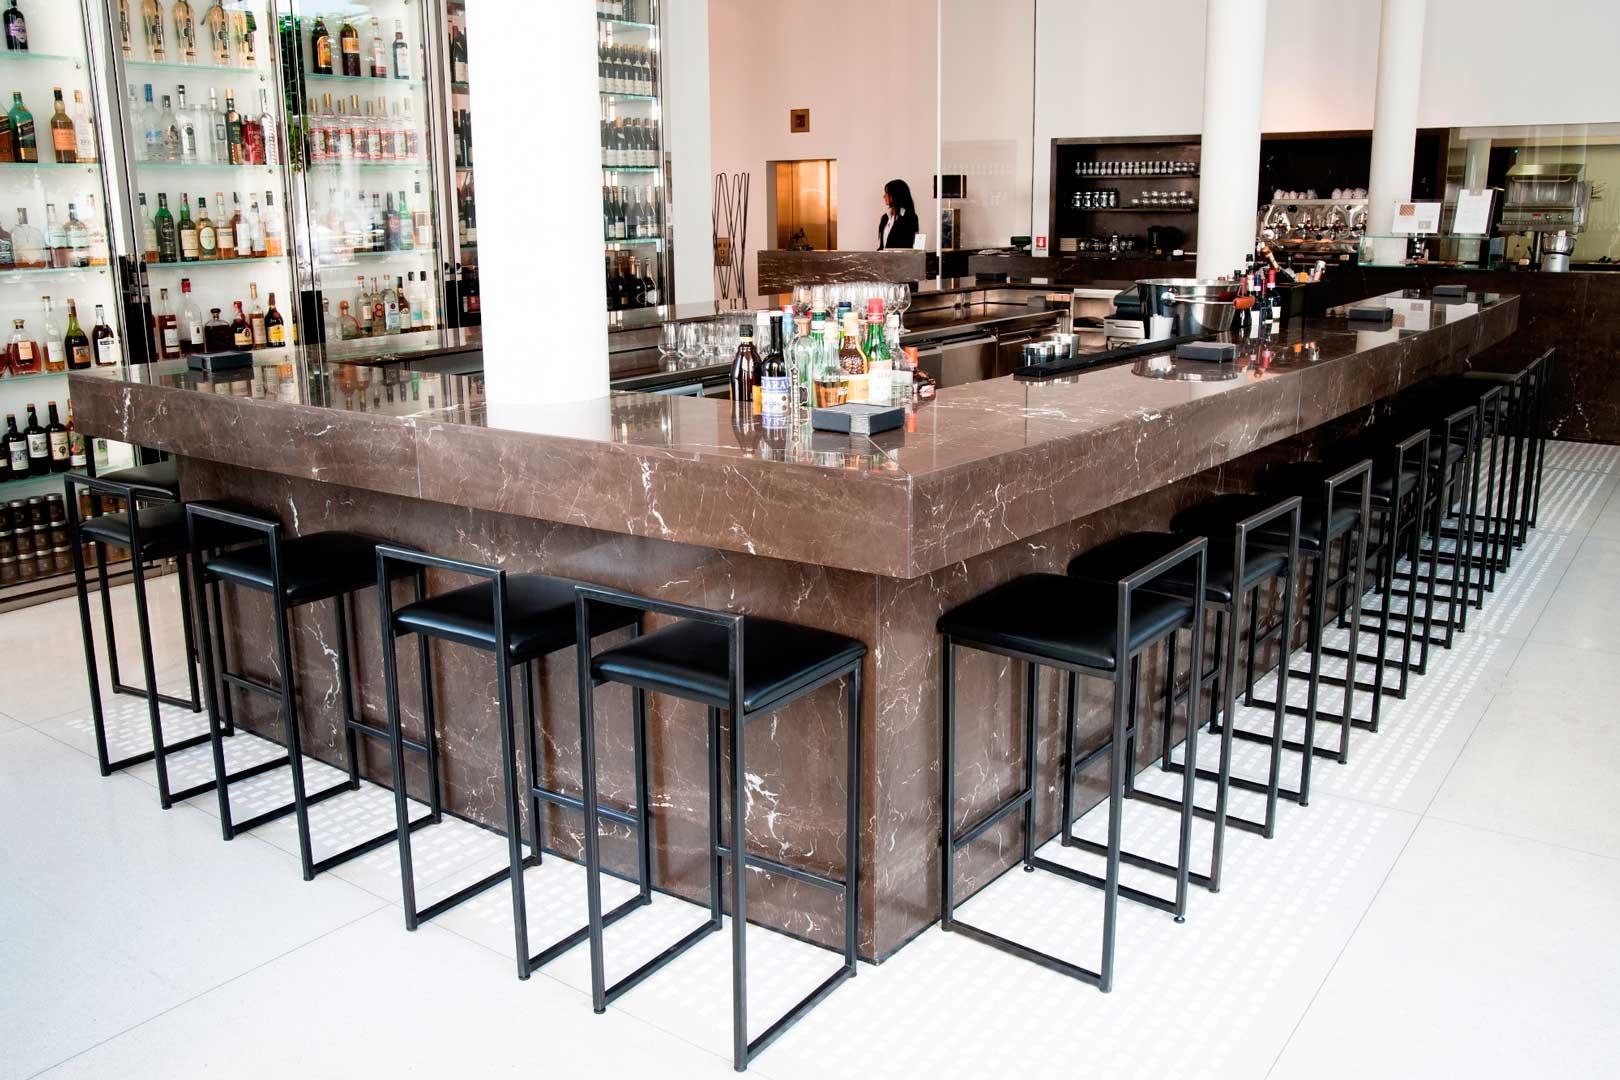 100 milano bar stool bar stools u2013 next day delivery bar